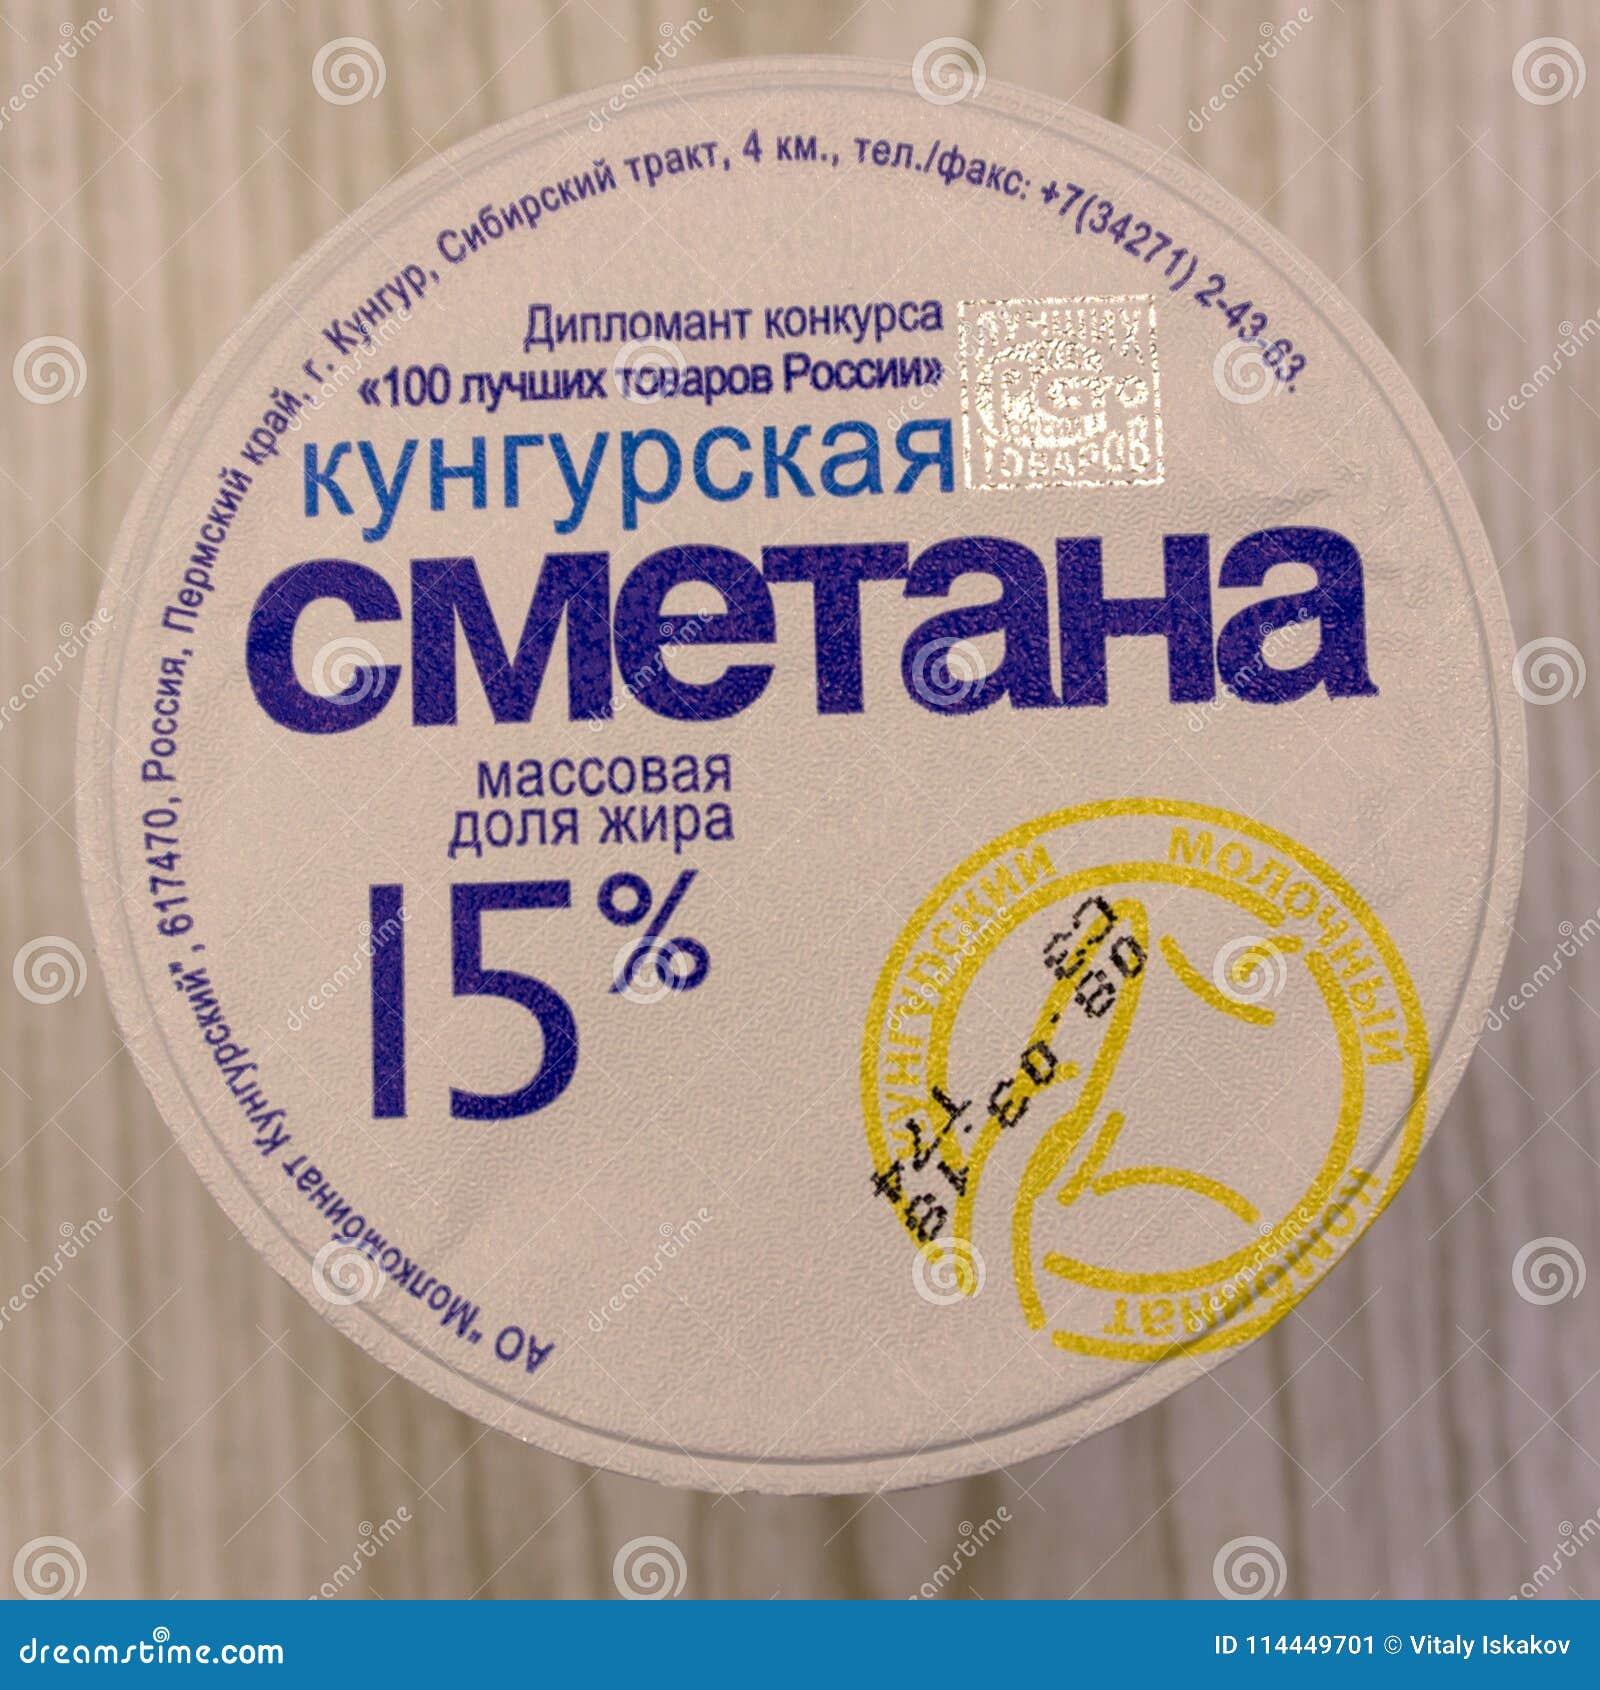 Plastic containers voor Kungurskaya-zure roomfolie, - Rusland - Berezniki 9 Maart 2018